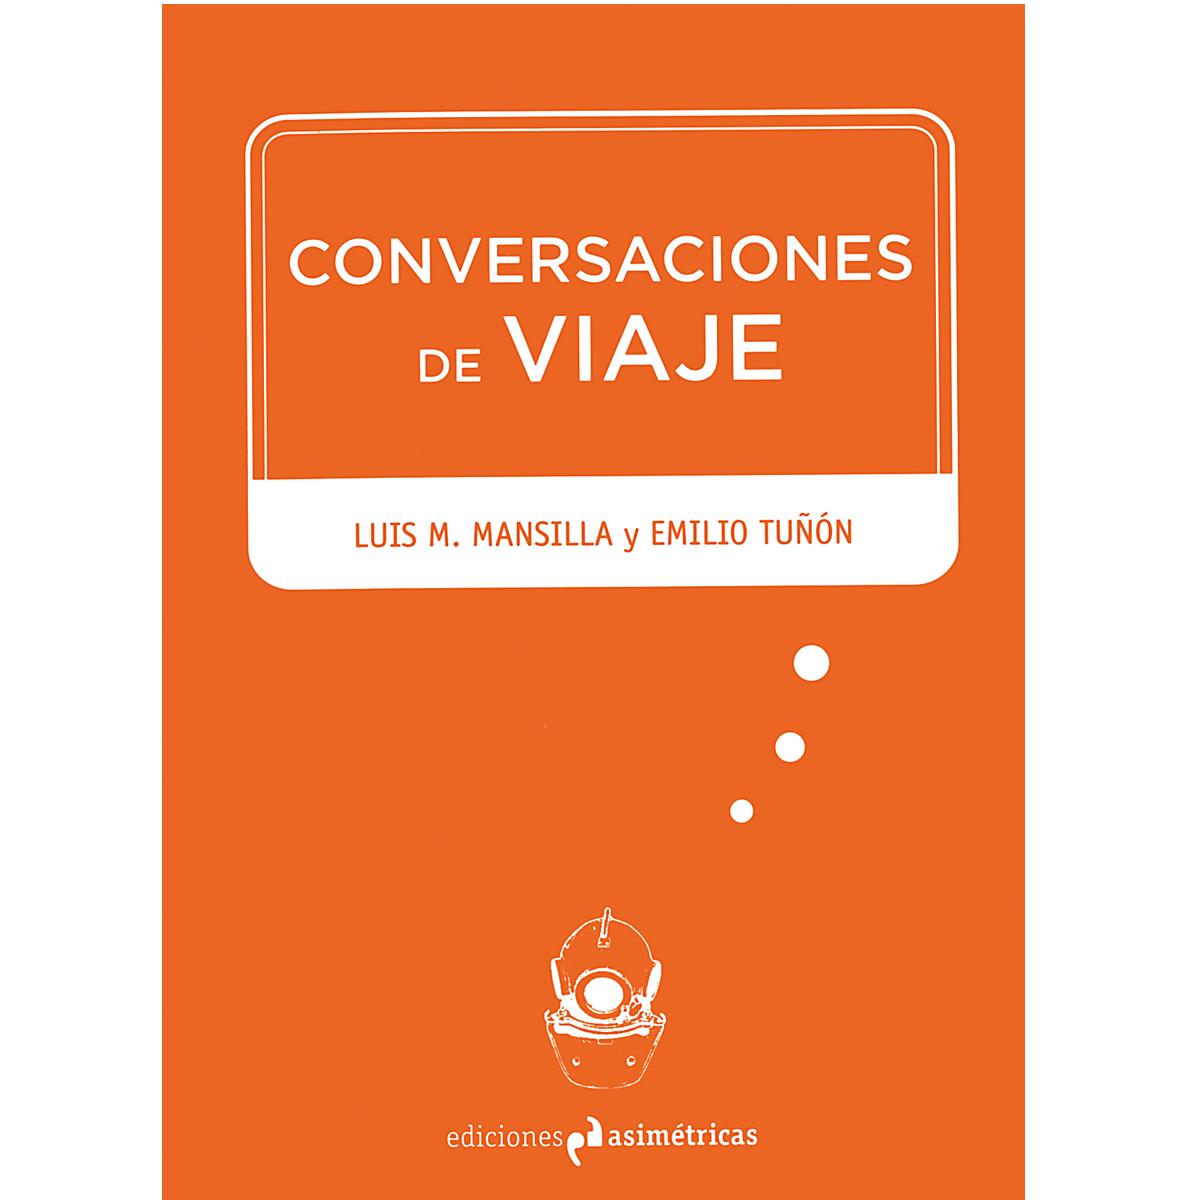 Conversaciones de Viaje